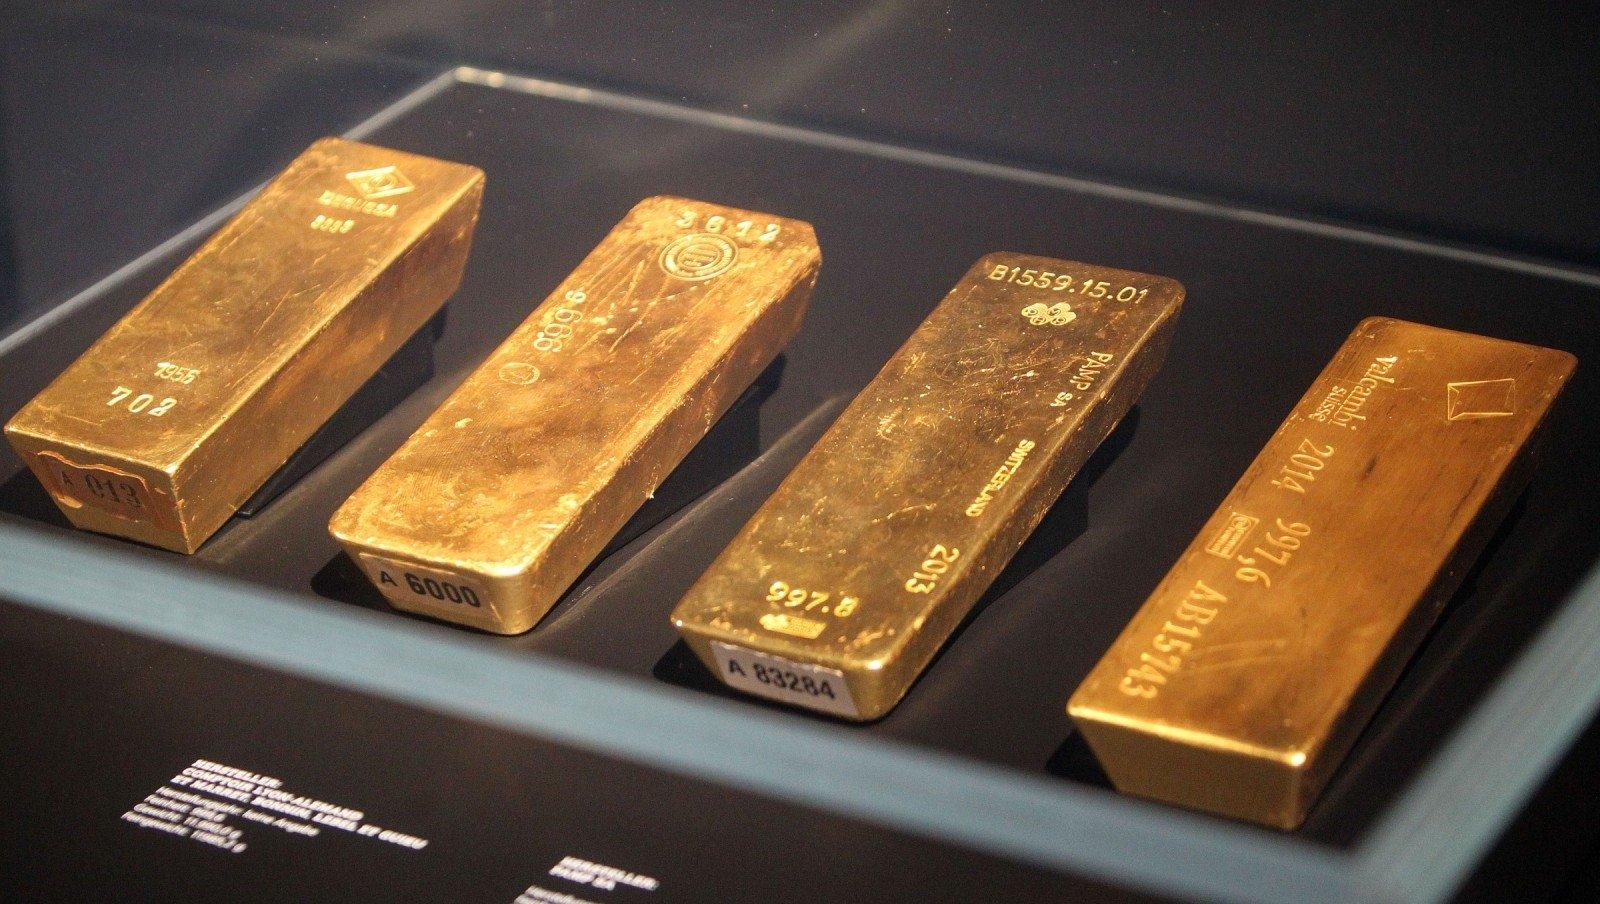 prekybos aukso ateities sandoriais